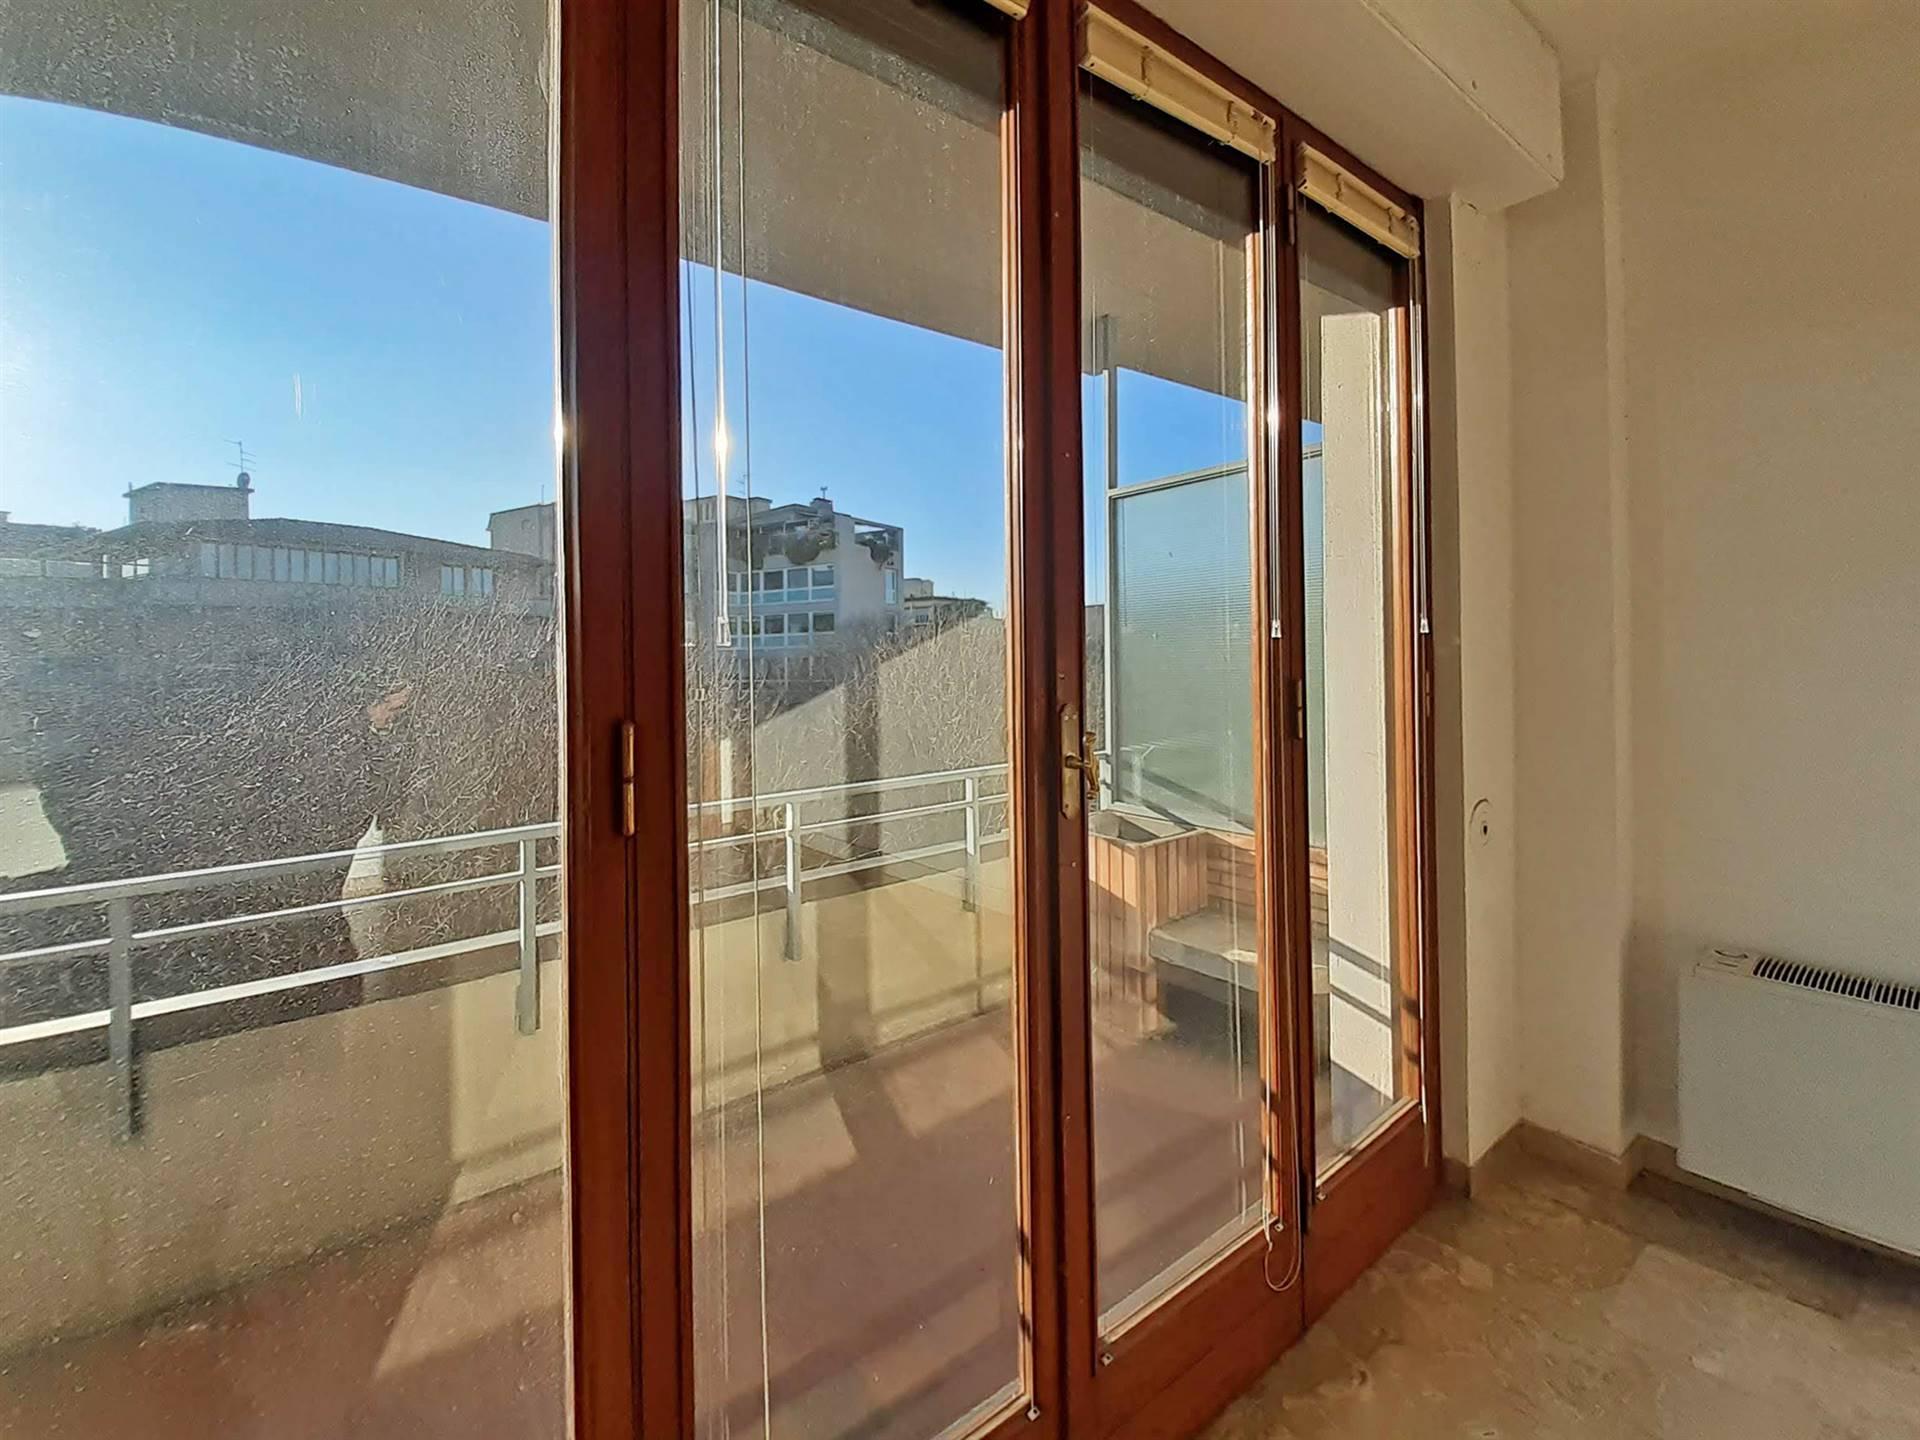 porte finestre su terrazzo